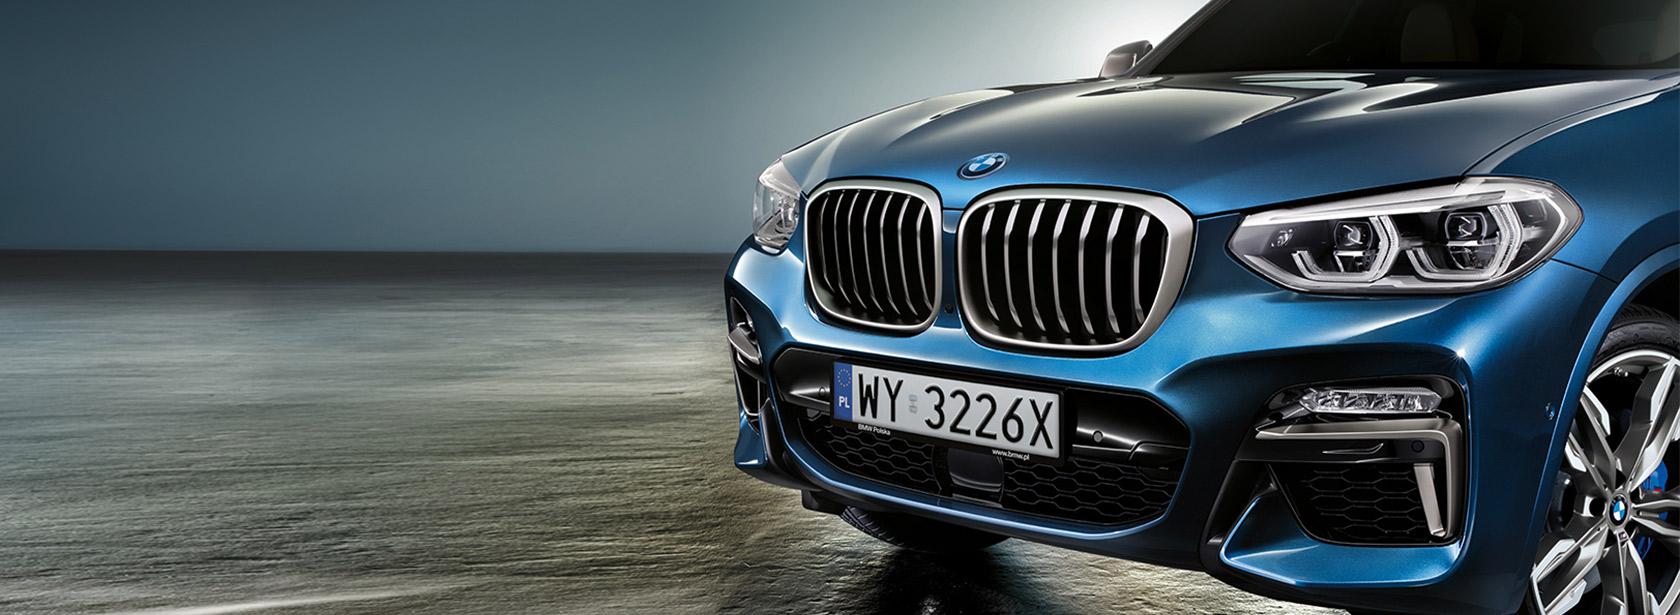 W Ultra Dealer BMW - Serwis BMW | Dealer BMW Dynamic Motors Bydgoszcz EZ43